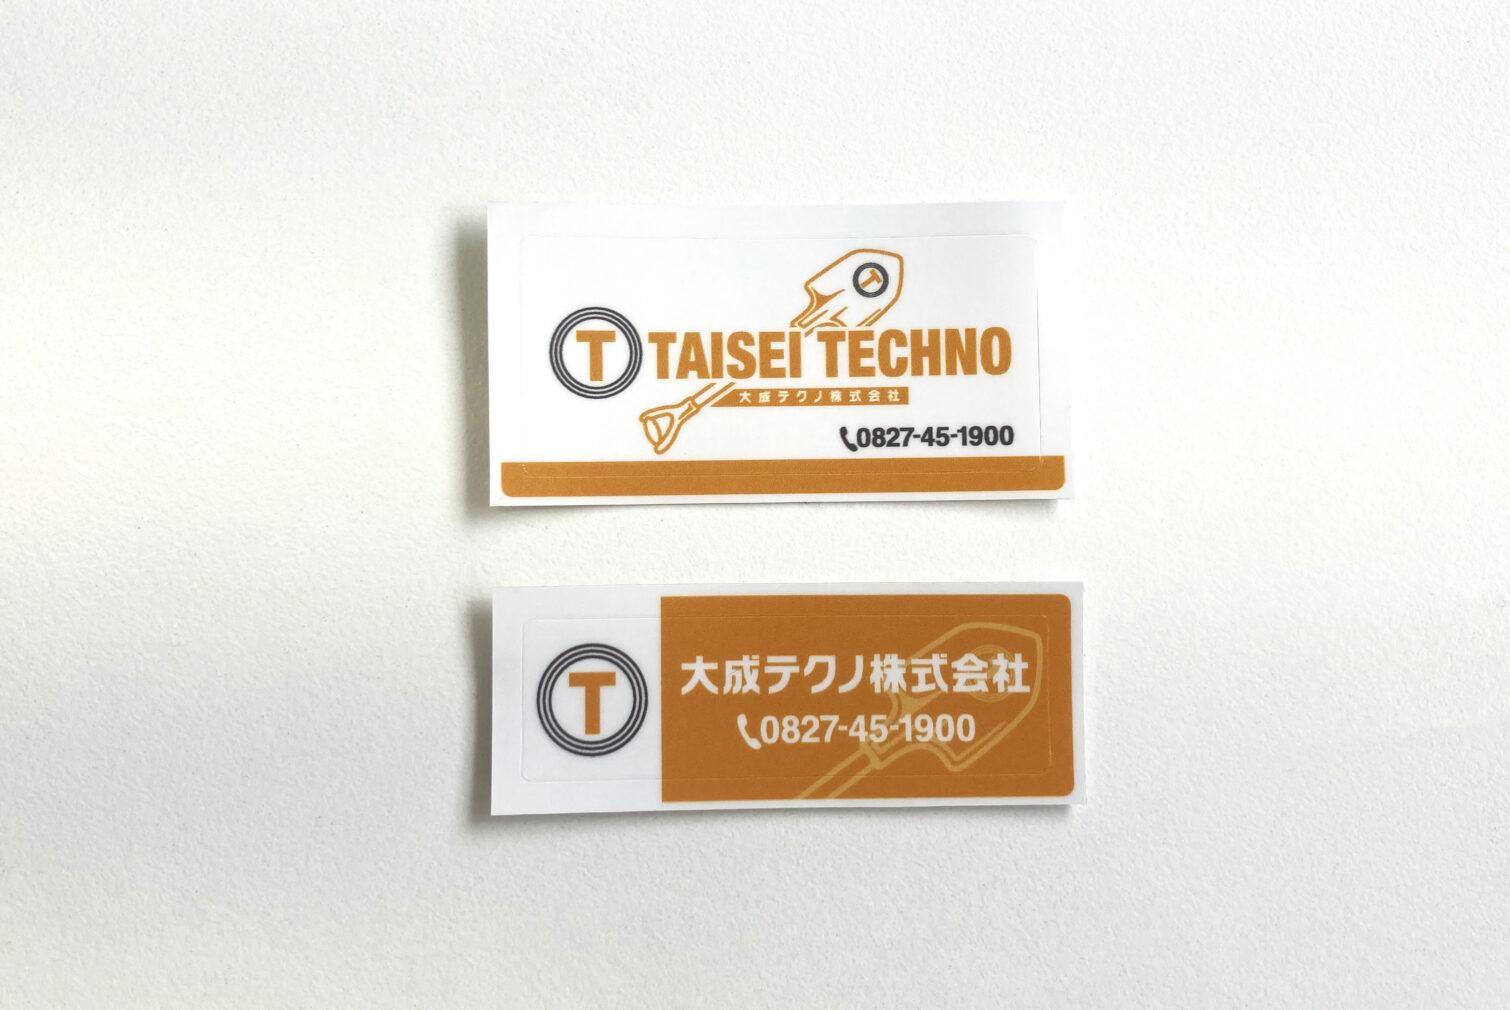 大成テクノ株式会社